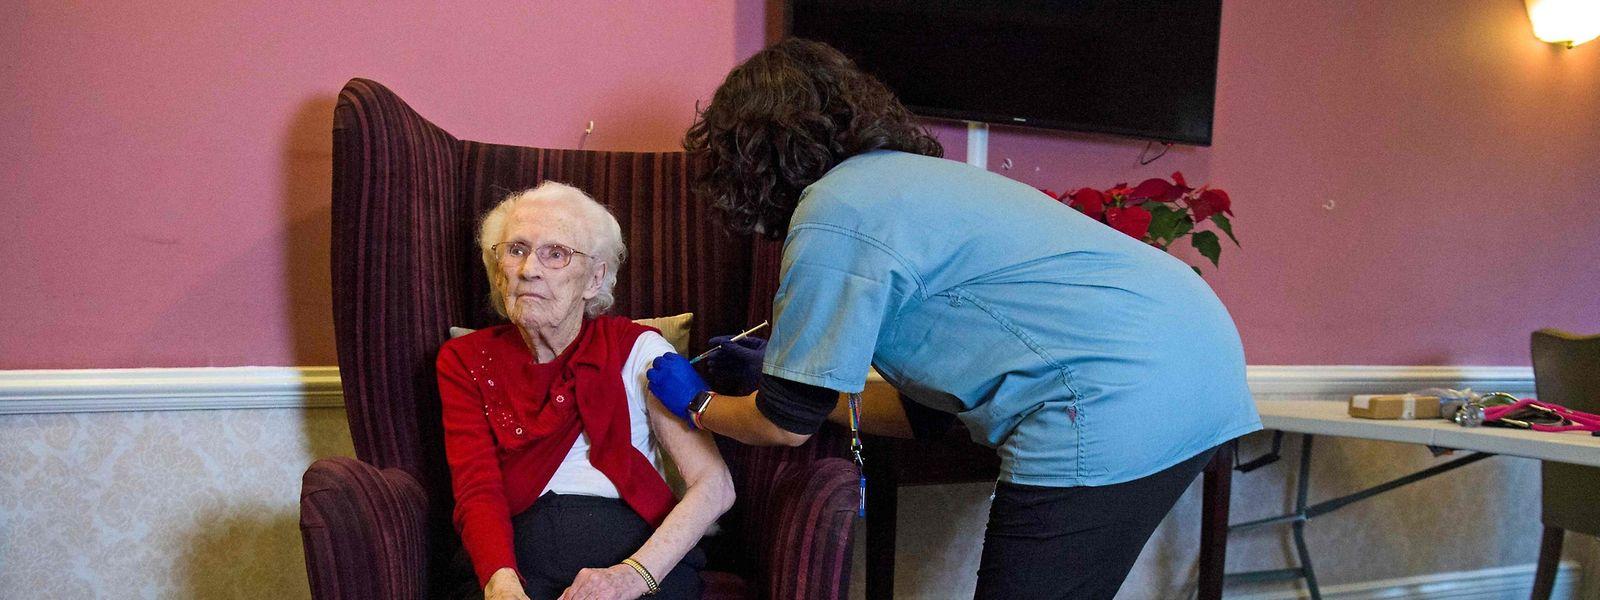 Dès le 18 janvier, la vaccination sera ouverte à tous les plus de 75 ans, avec une procédure simplifiée.